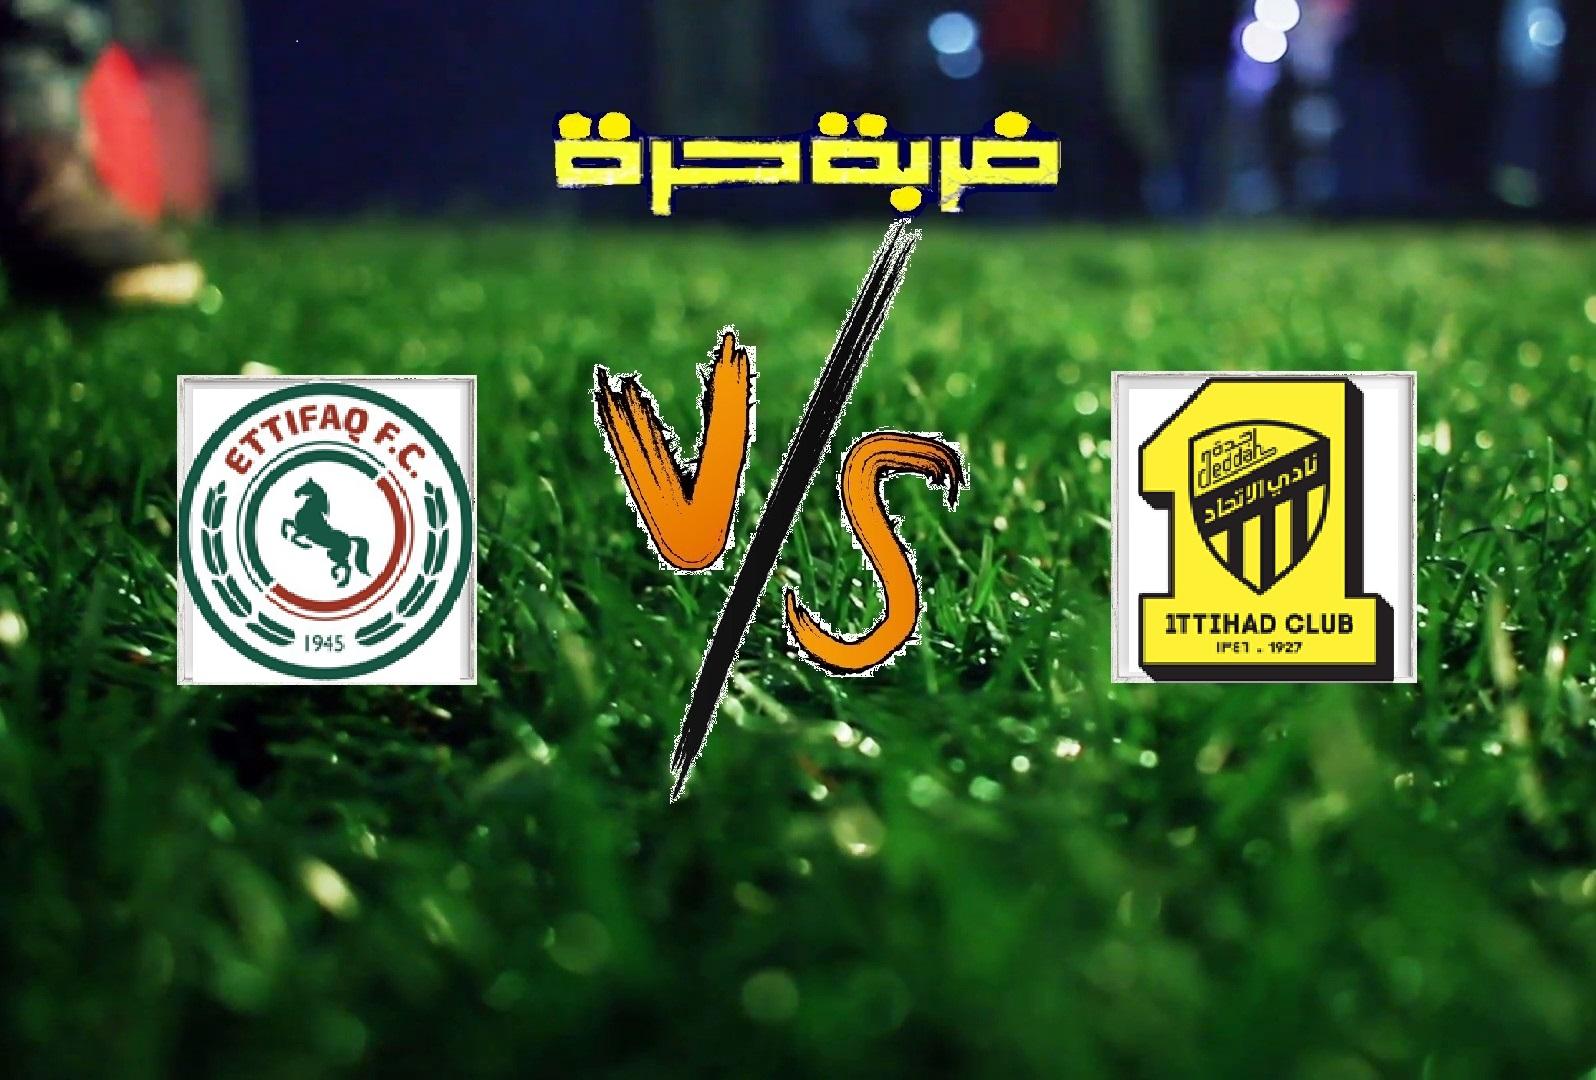 ملخص مباراة الاتحاد والاتفاق اليوم الخميس بتاريخ 18-04-2019 الدوري السعودي